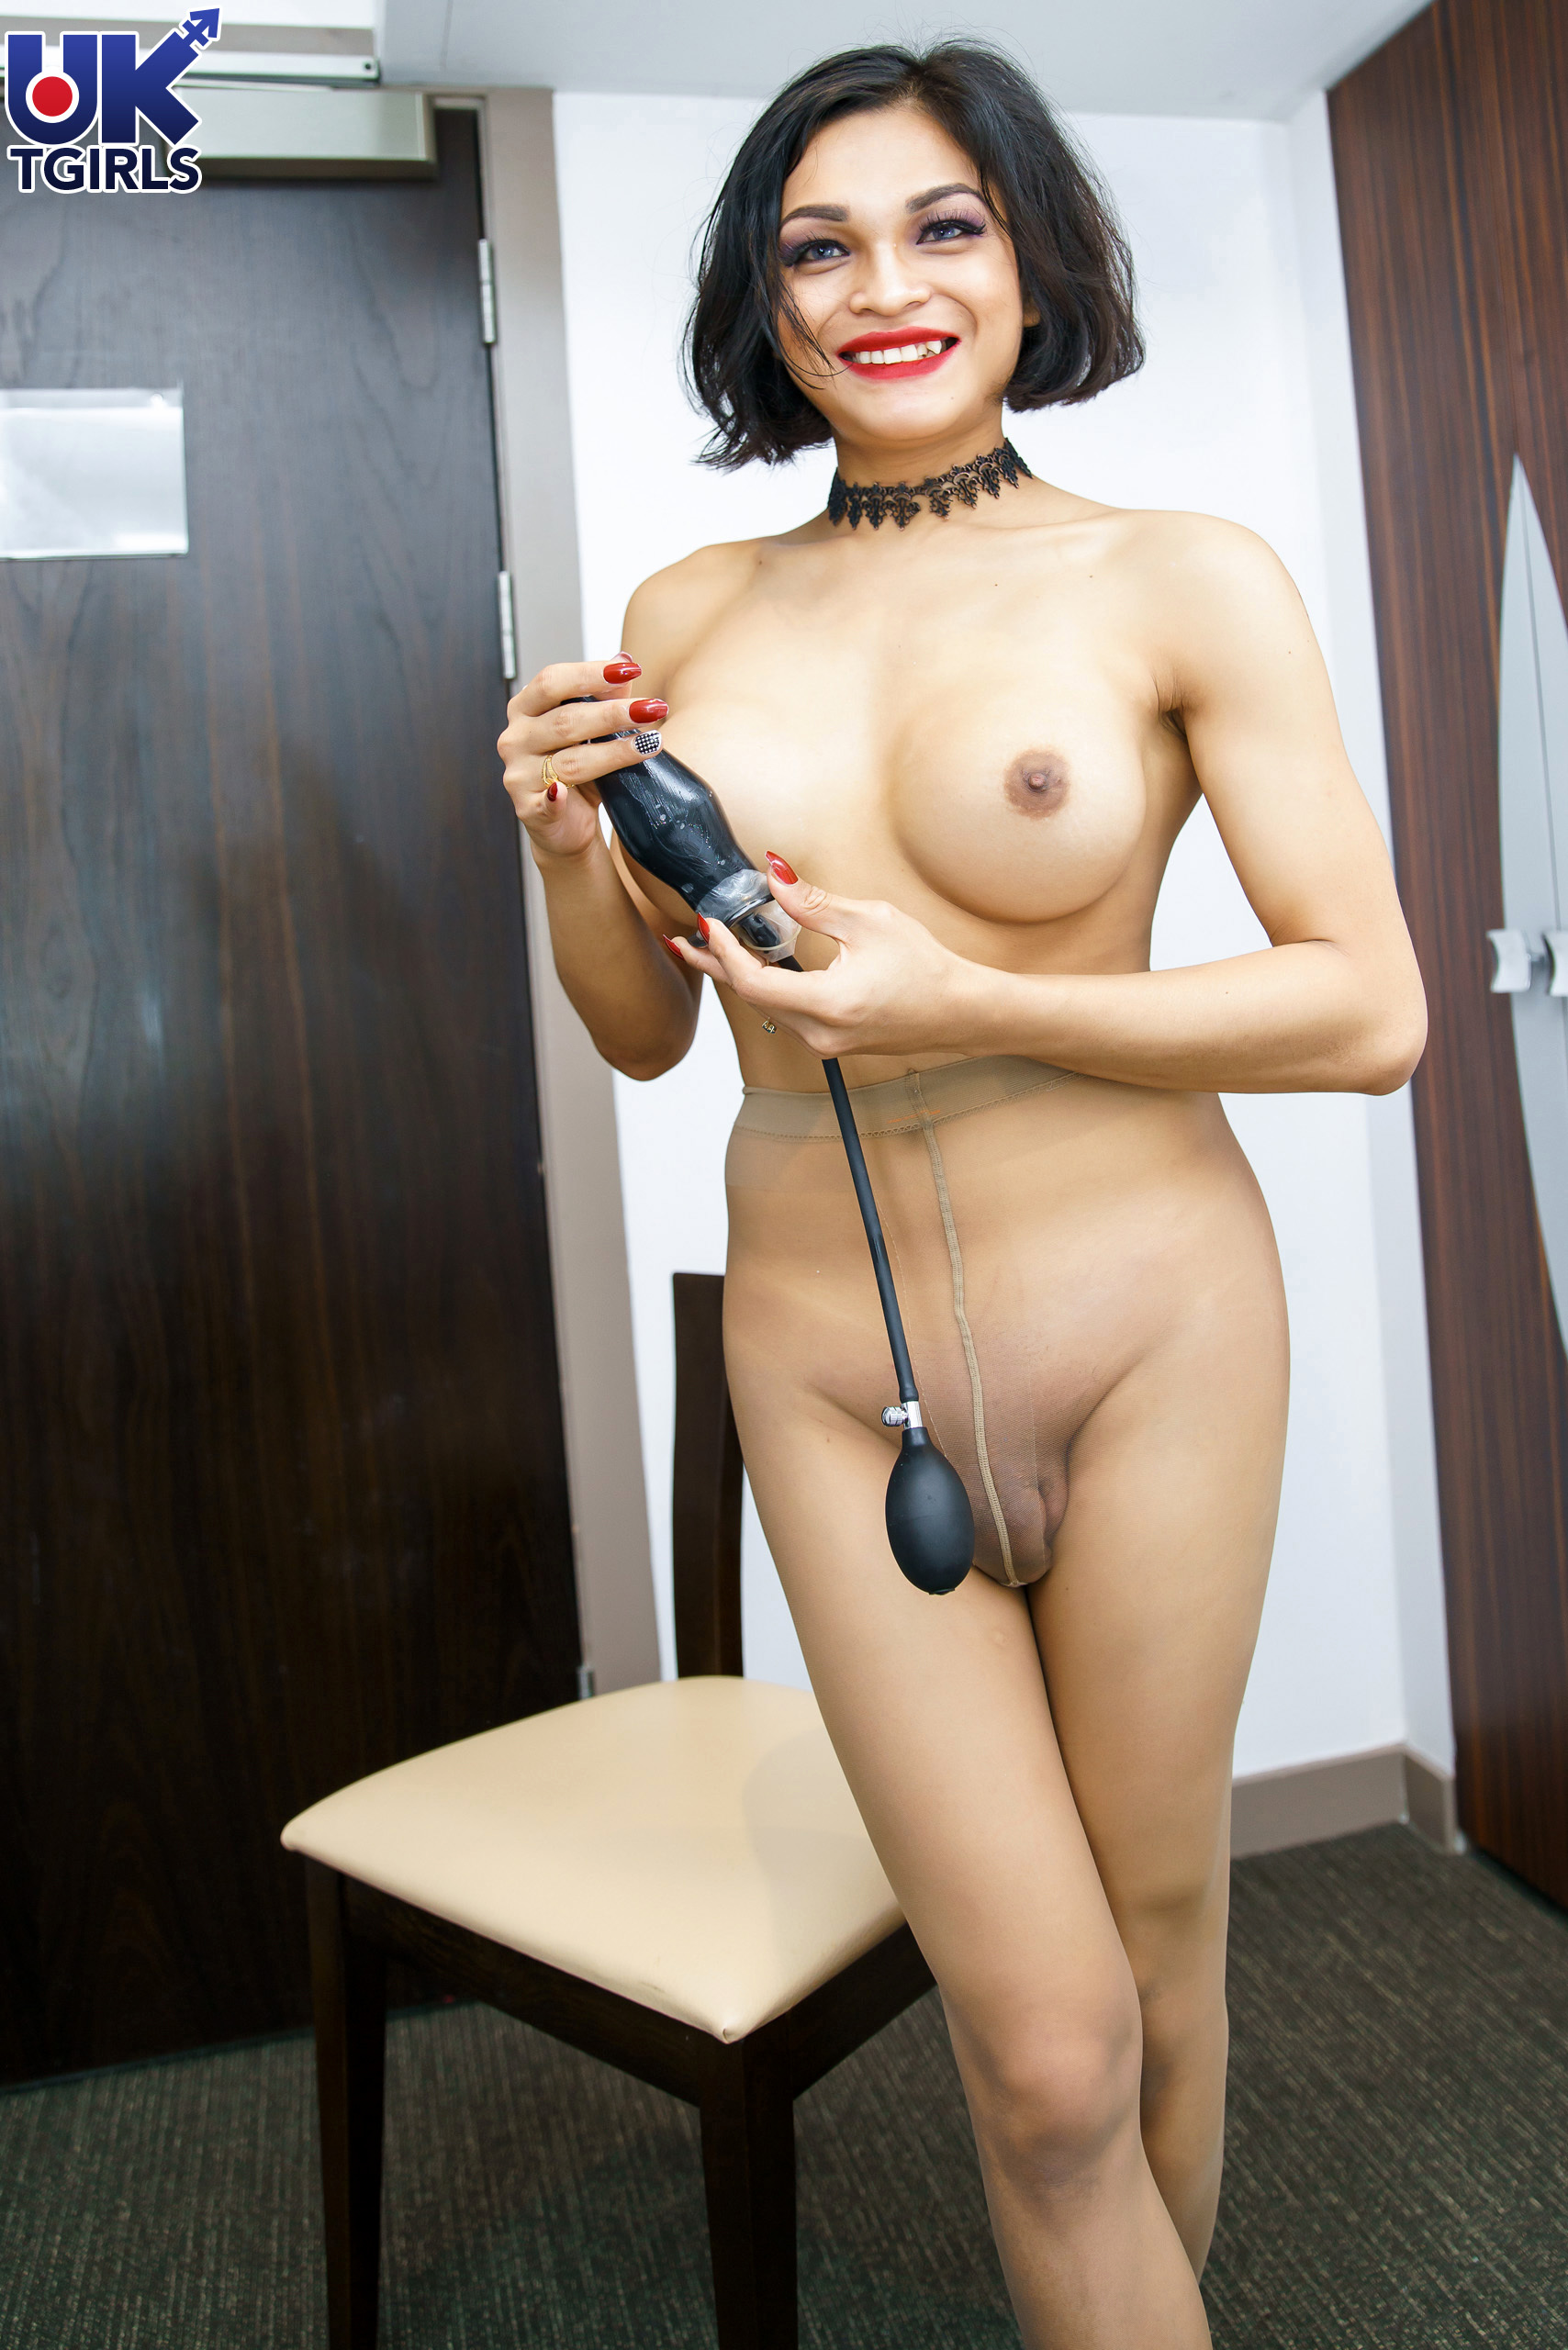 Nadtasha Looks Lovely In Her